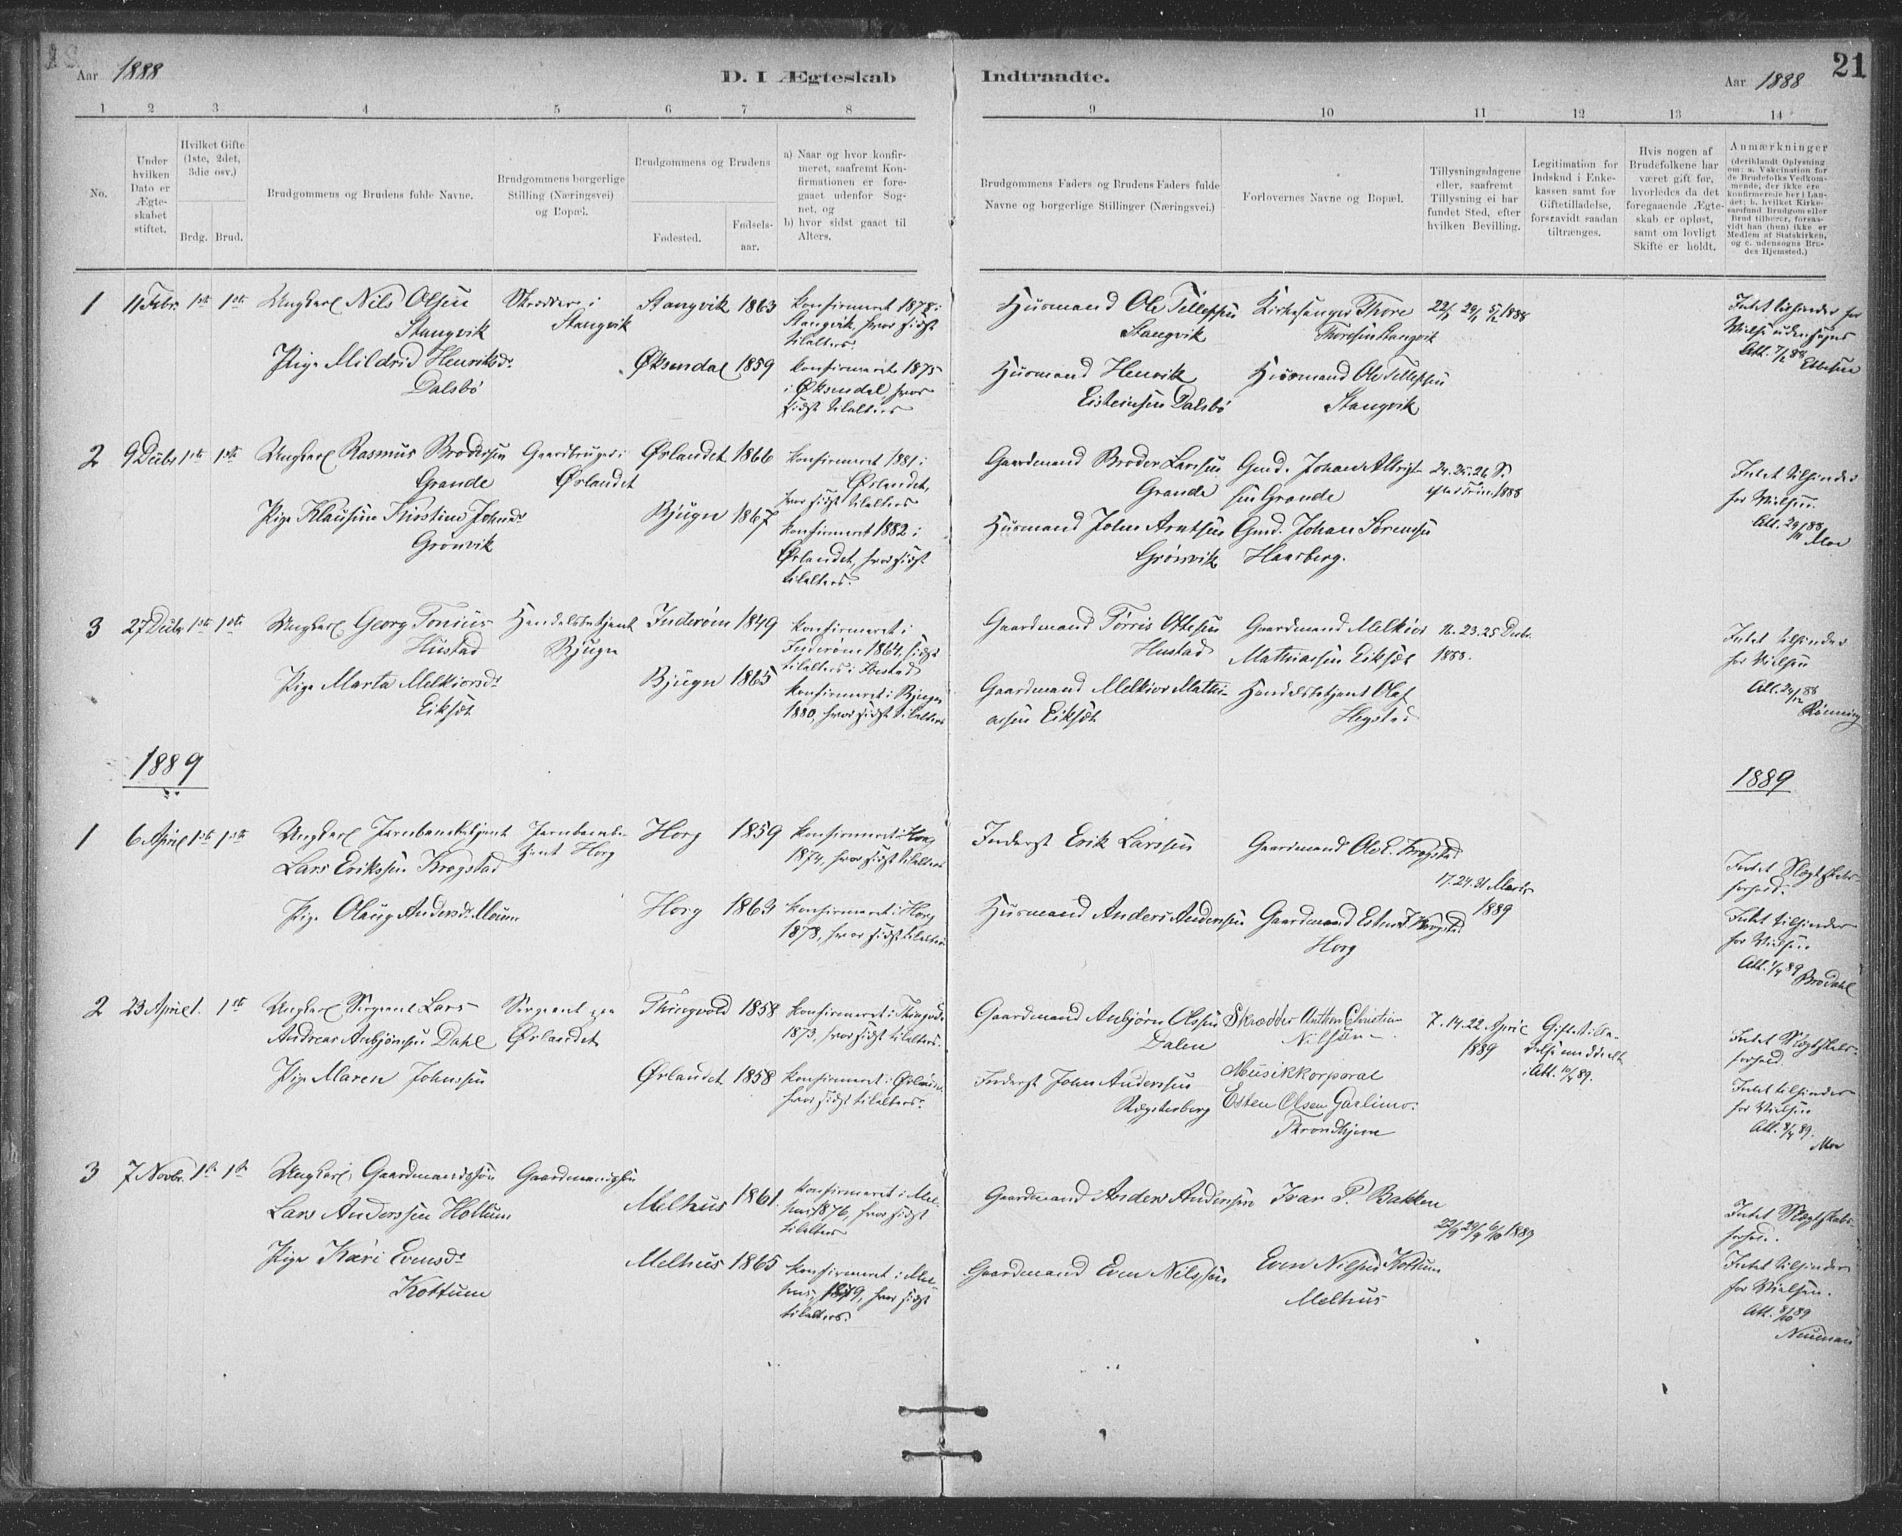 SAT, Ministerialprotokoller, klokkerbøker og fødselsregistre - Sør-Trøndelag, 623/L0470: Ministerialbok nr. 623A04, 1884-1938, s. 21